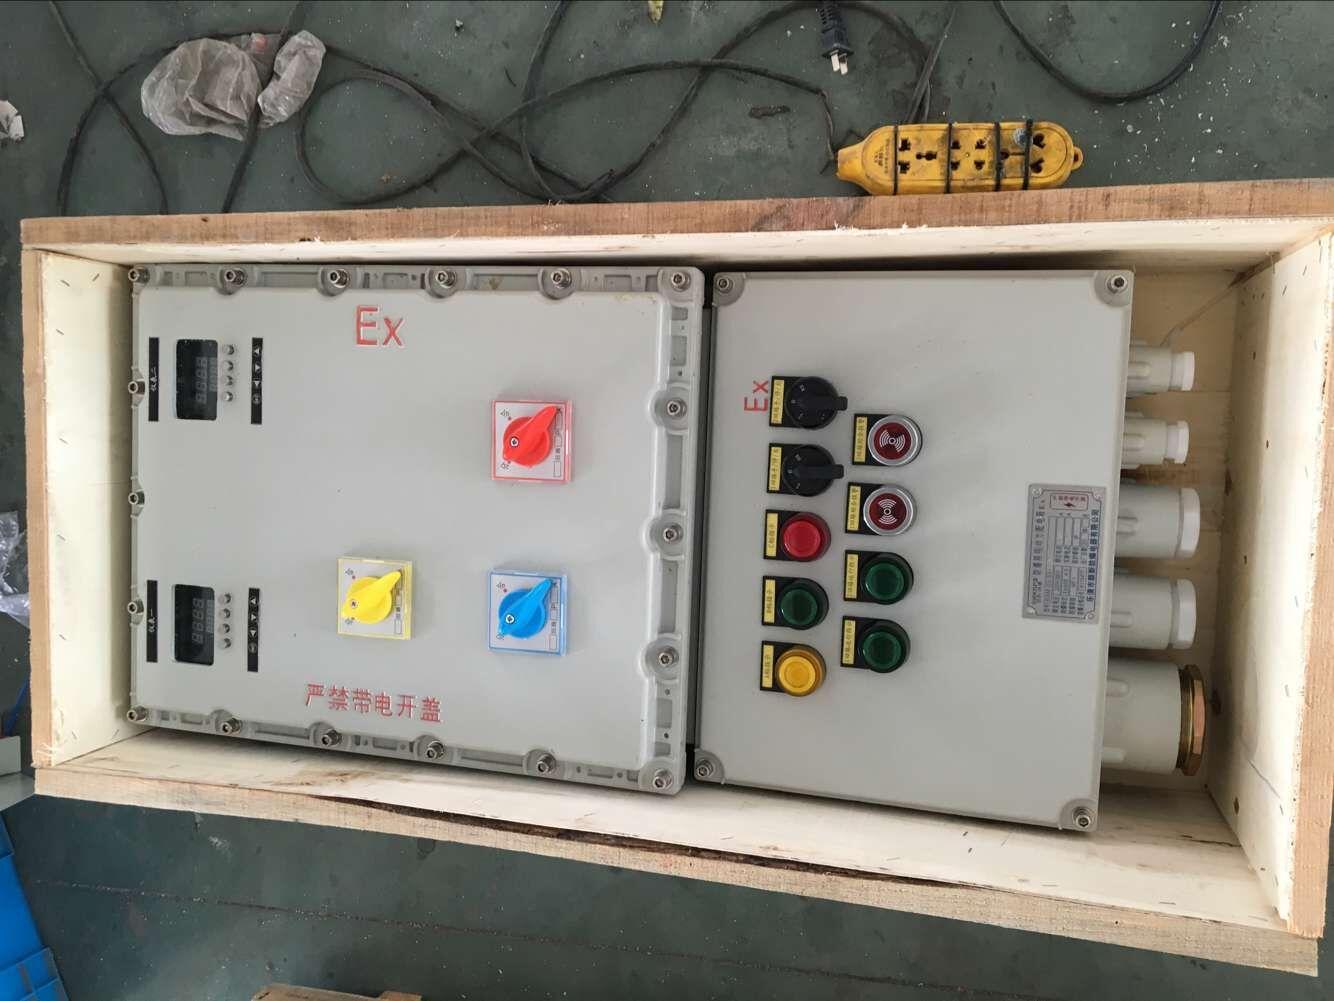 防爆电机正反转控制箱,防爆可逆磁力起动器